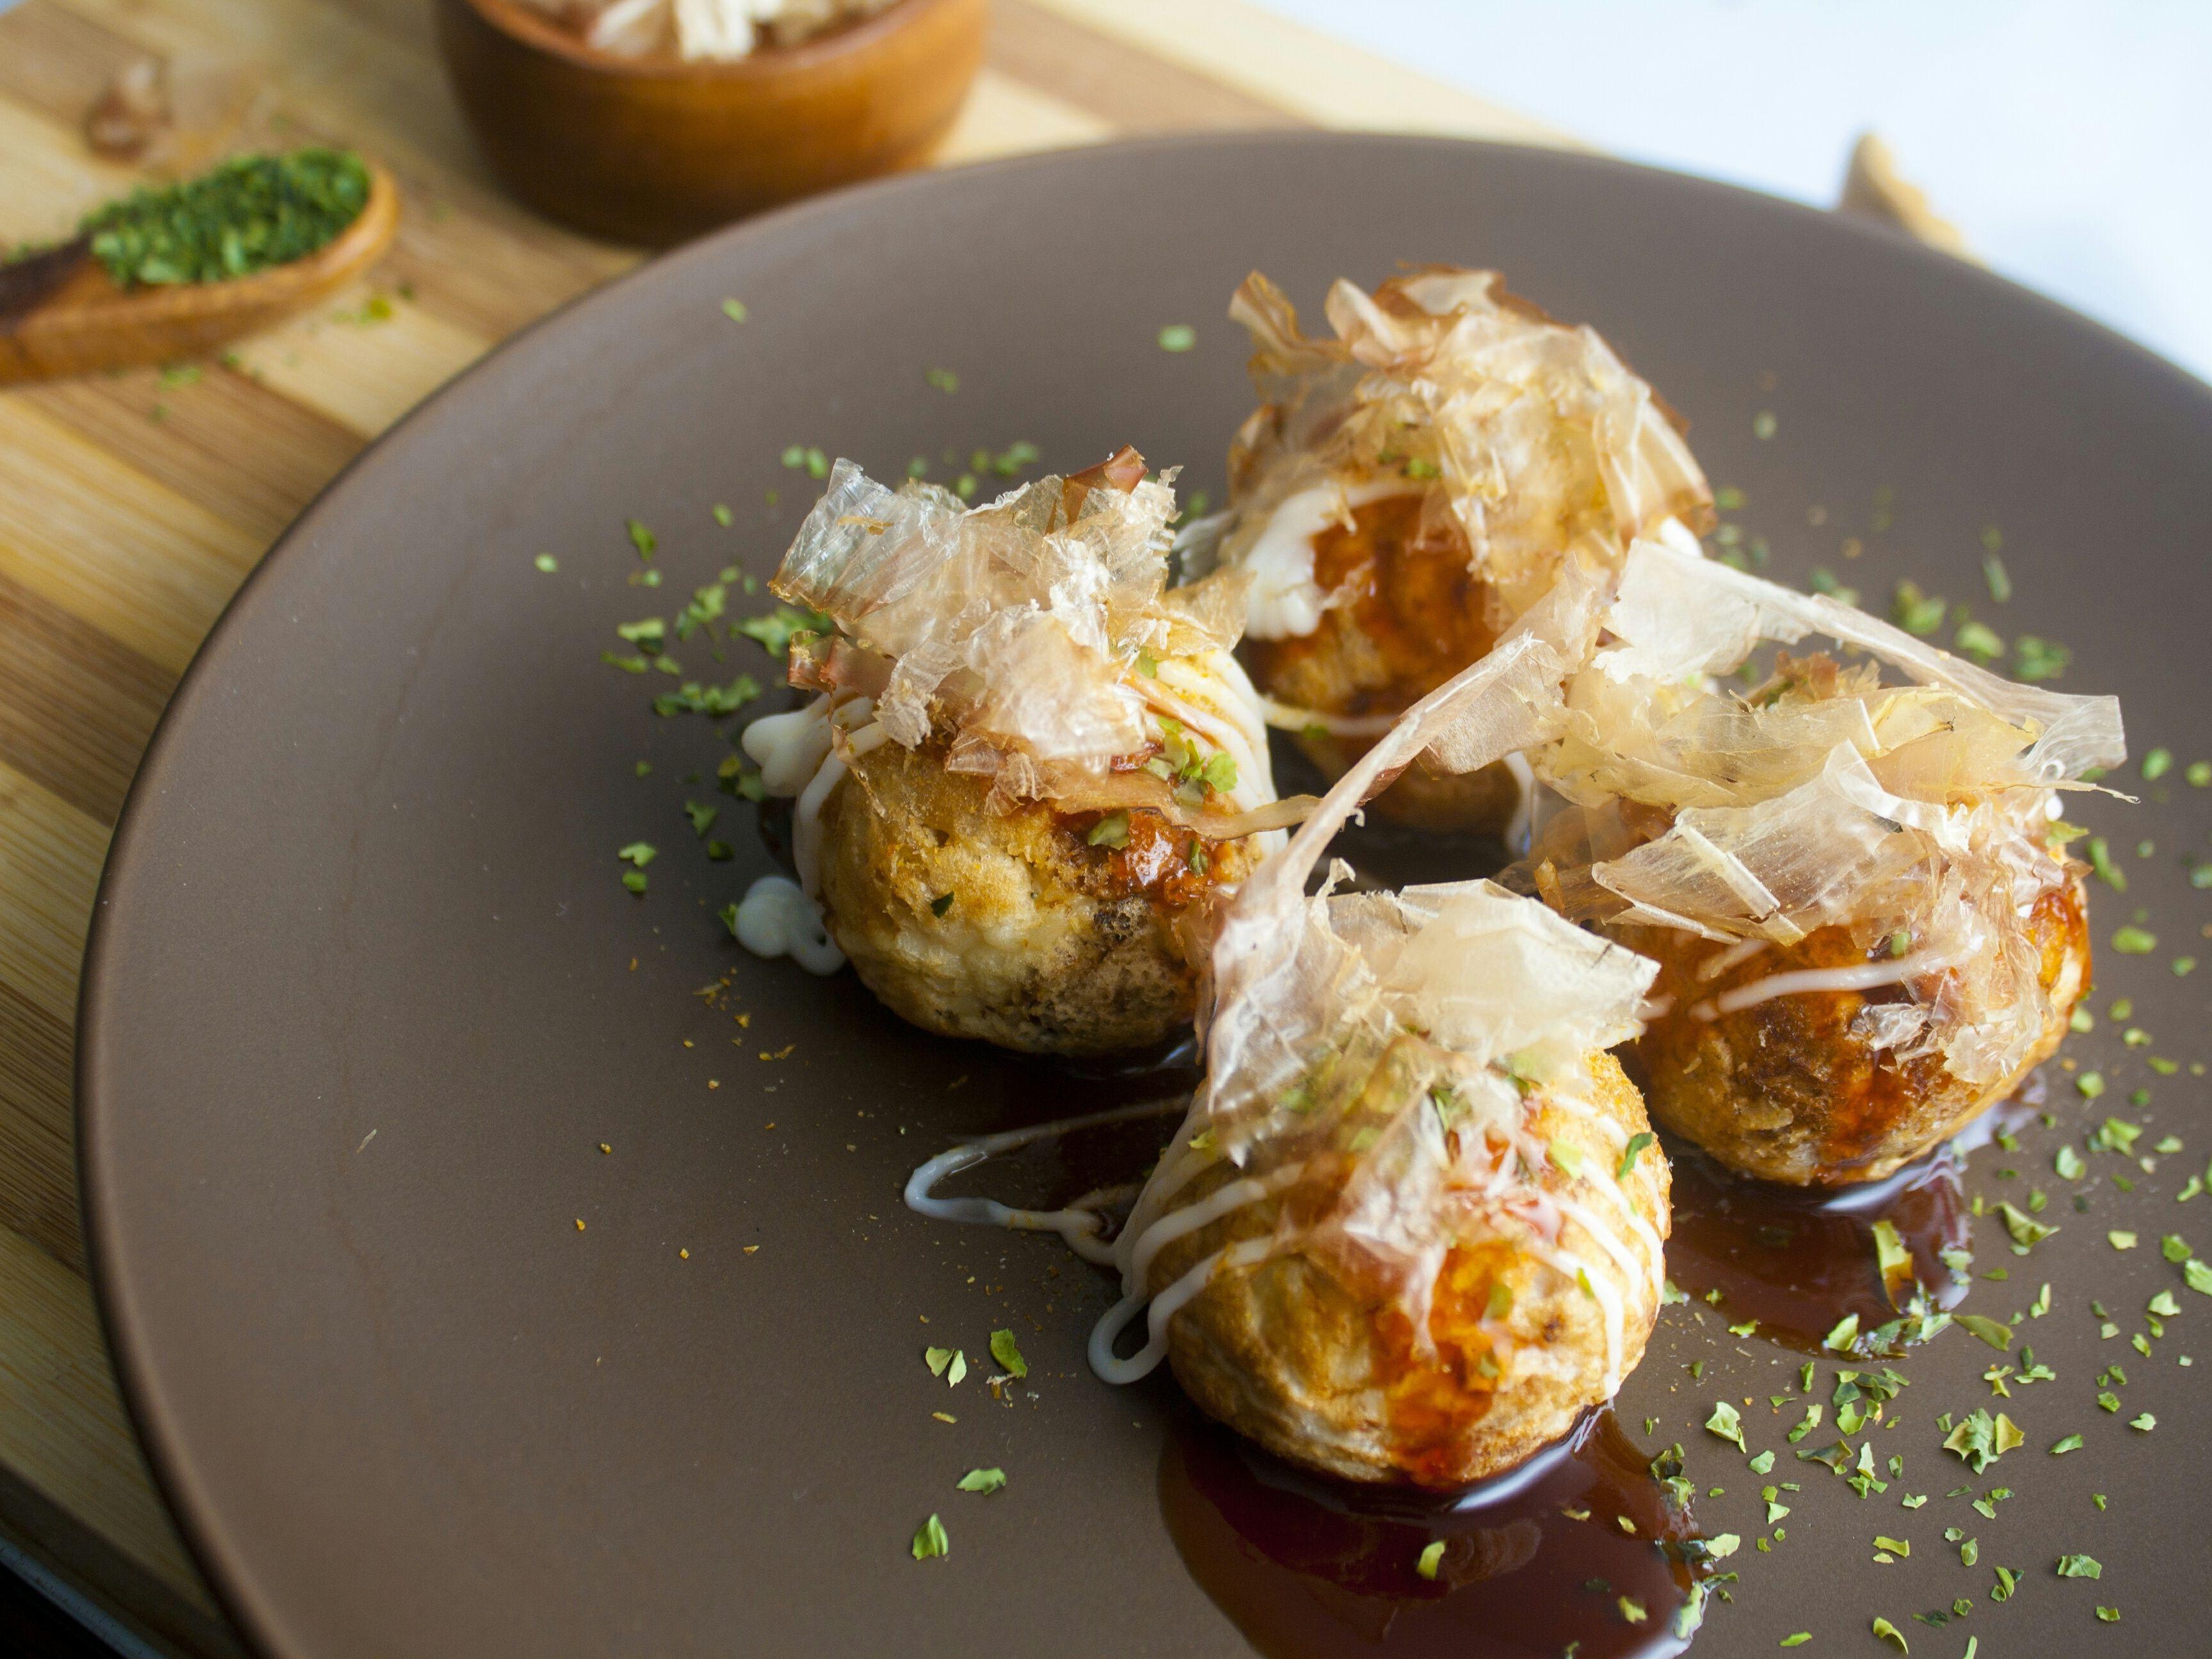 Japanese Pancake Bites With Octopus Recipe